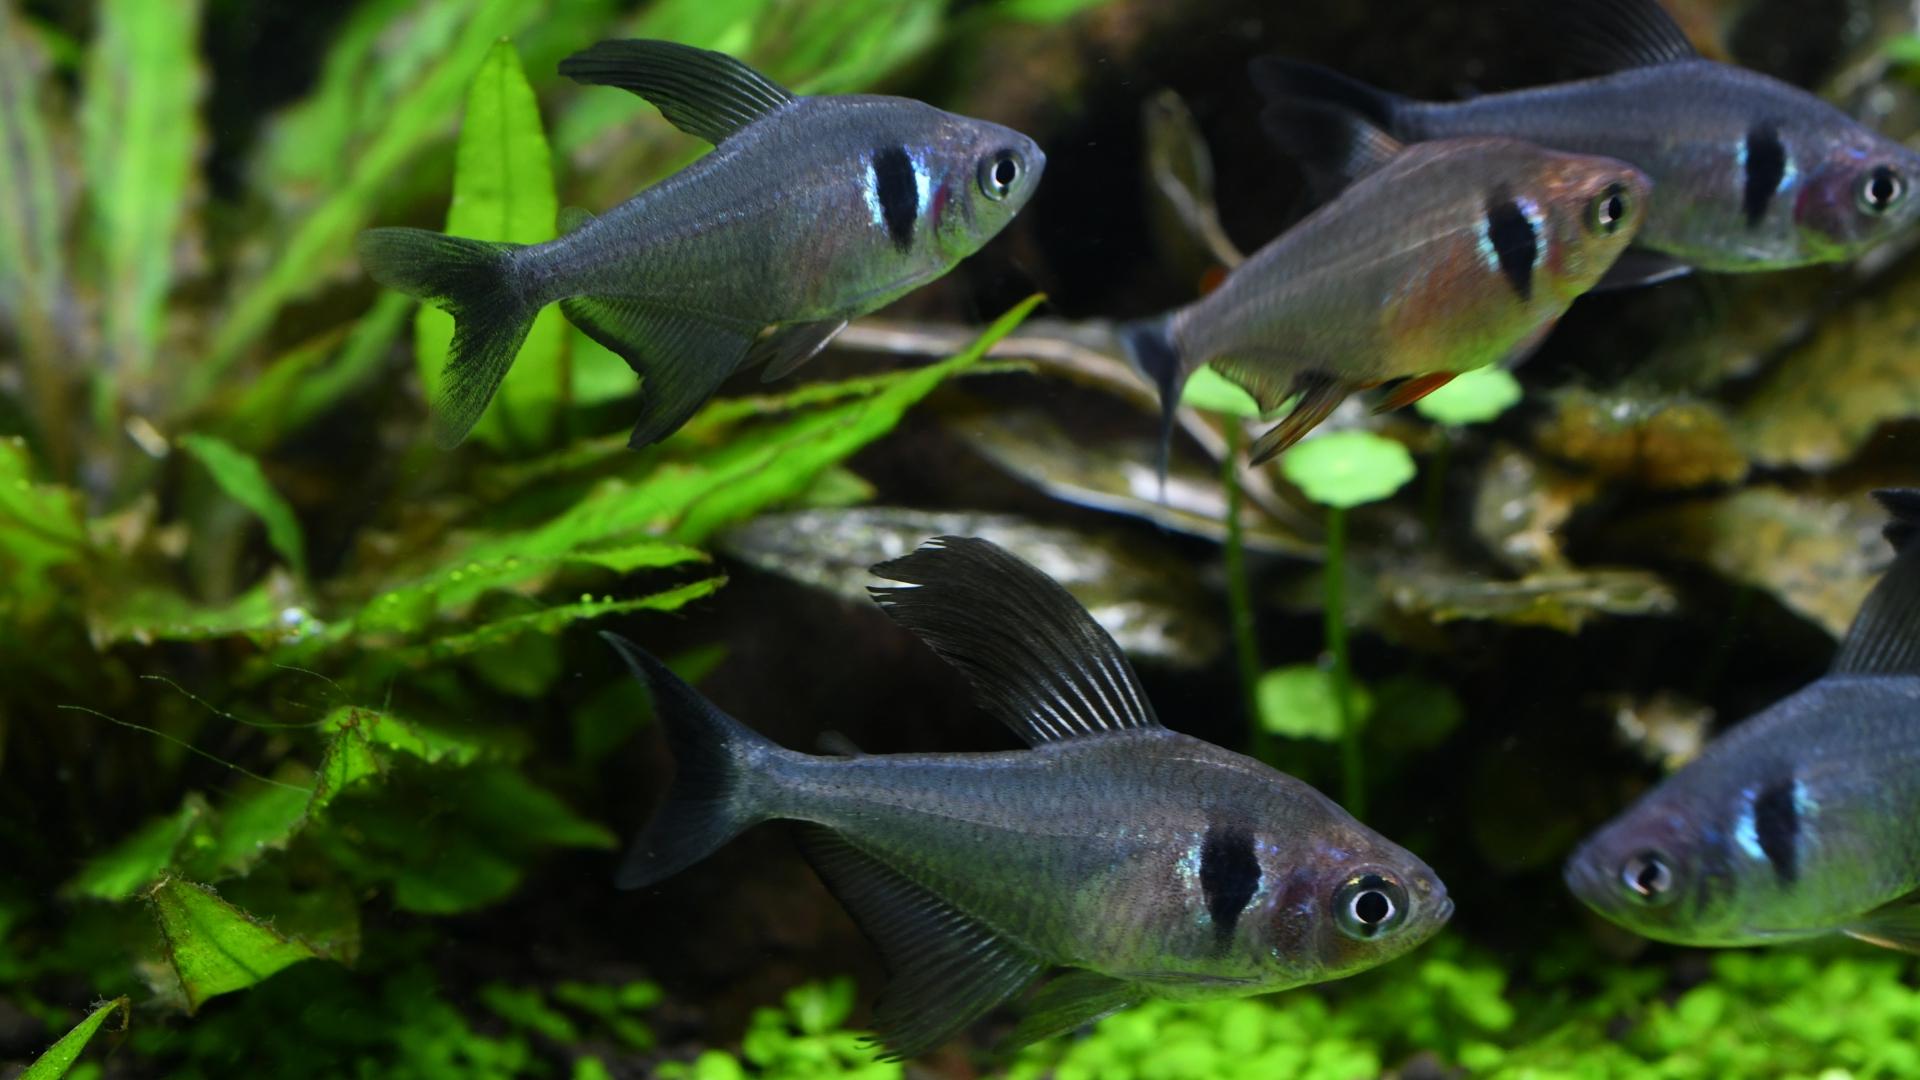 熱帯魚紹介:ブラックファントム・テトラ